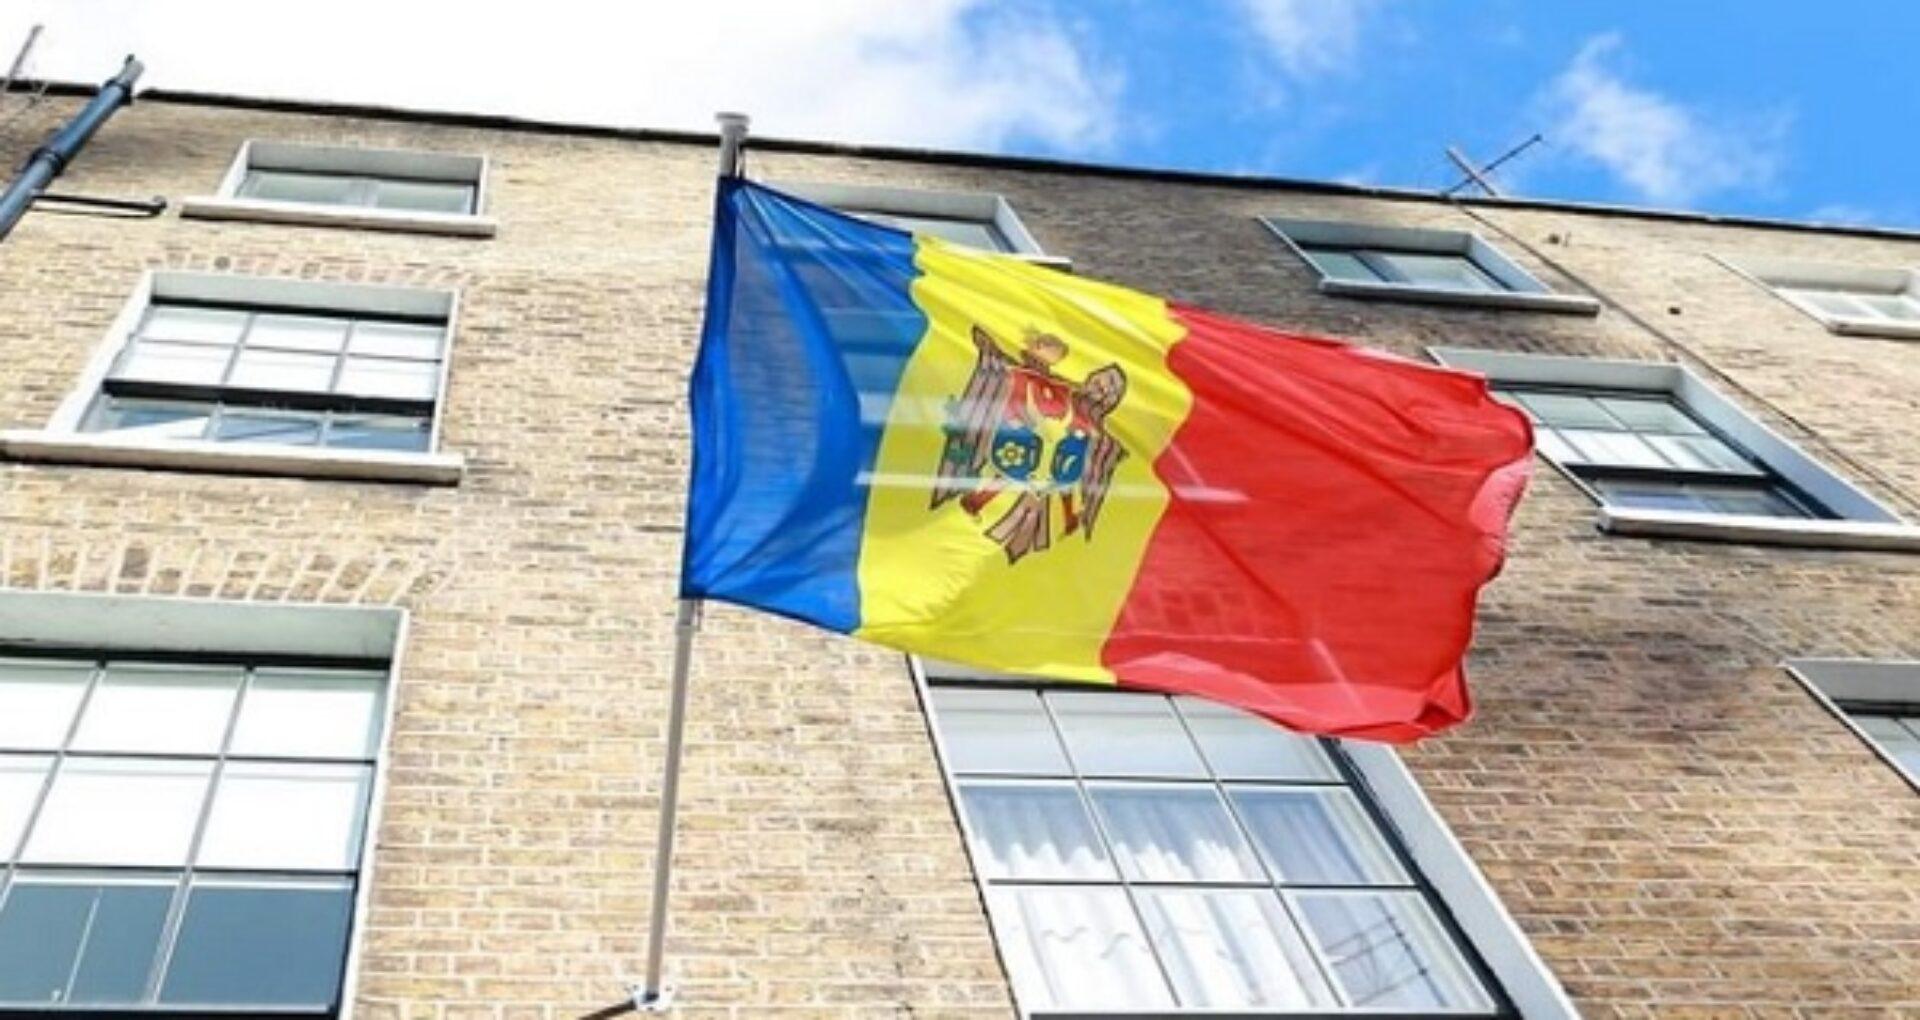 Anunț important. Ambasada R. Moldova în Irlanda a primit aprobarea finală pentru deschiderea secțiilor de votare